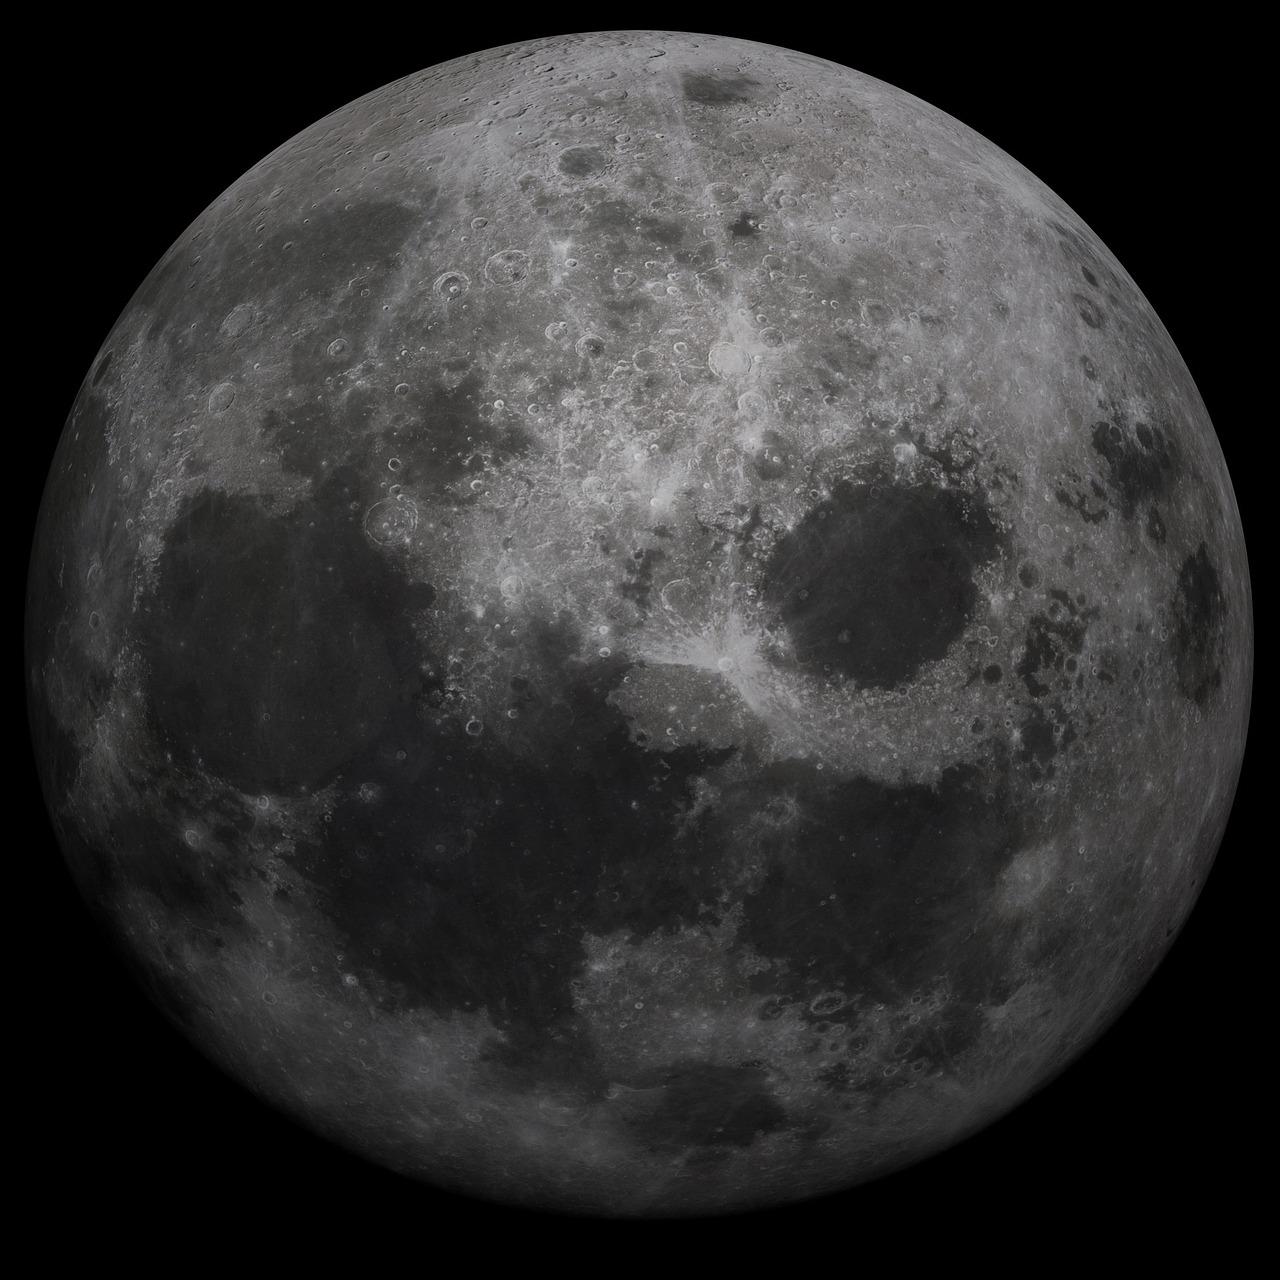 Фото луны из космоса высокого разрешения